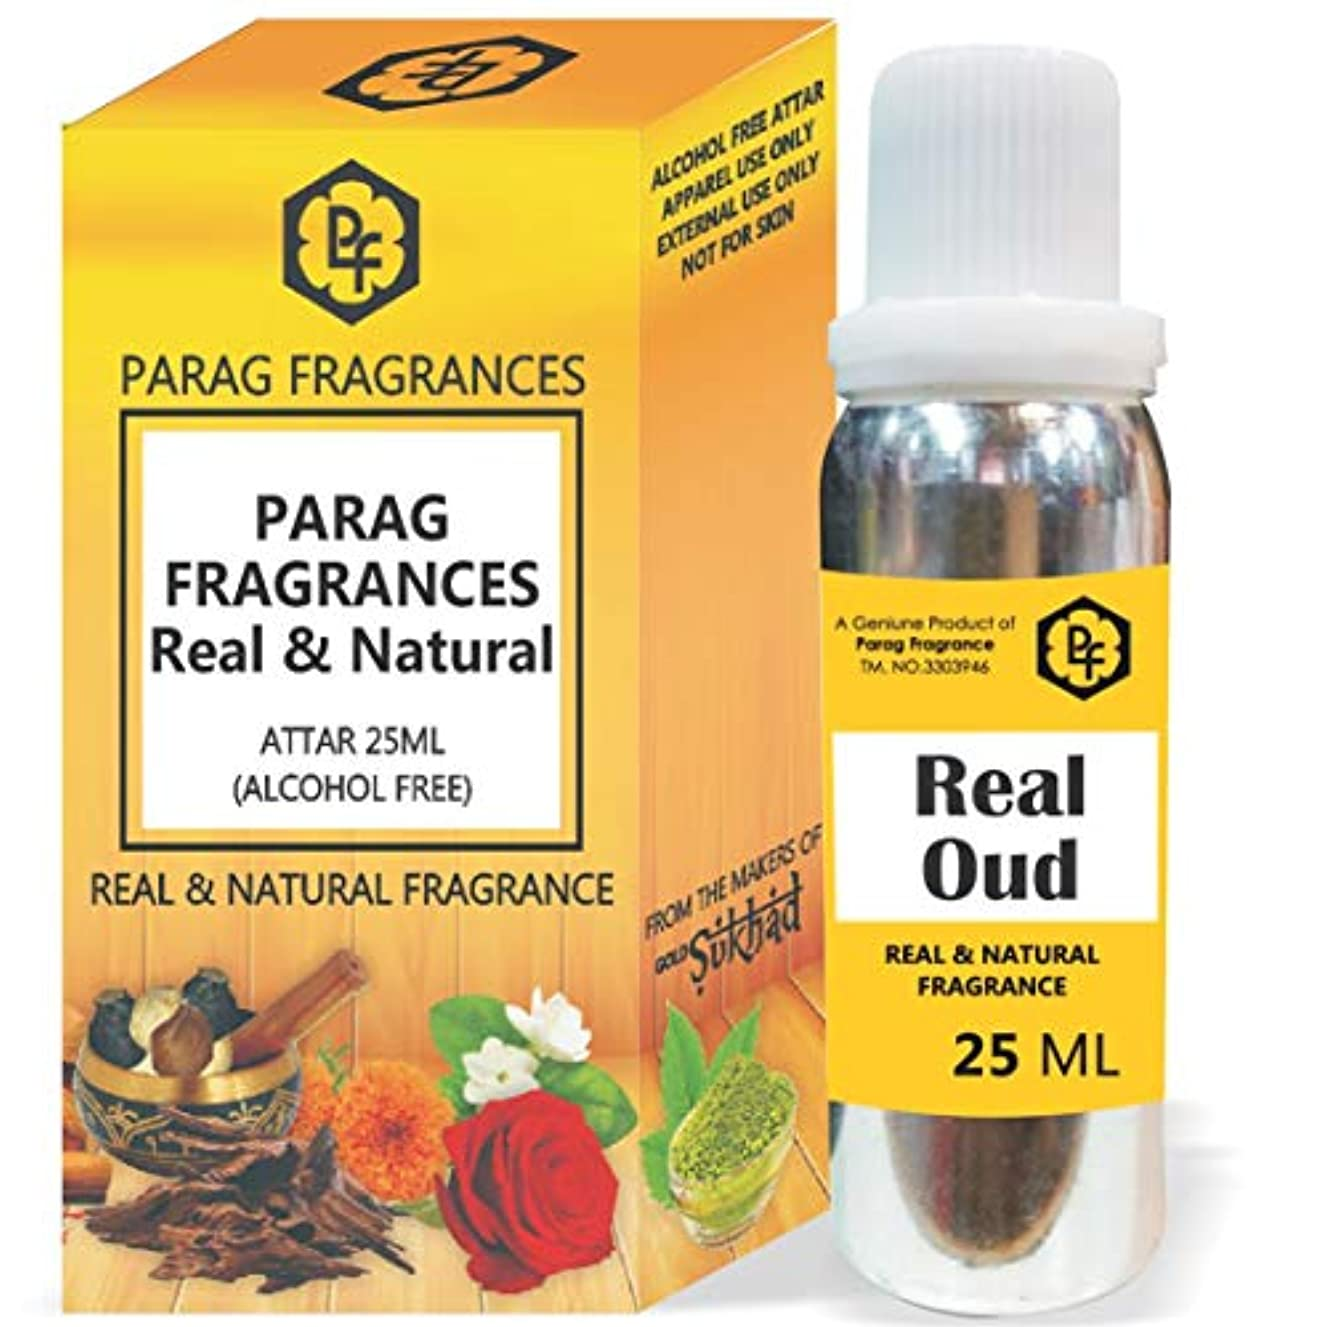 サンプルゴミ合計50/100/200/500パック内のParagフレグランスファンシー空き瓶(アルコールフリー、ロングラスティング、自然アター)で25ミリリットル実ウードアターも利用可能